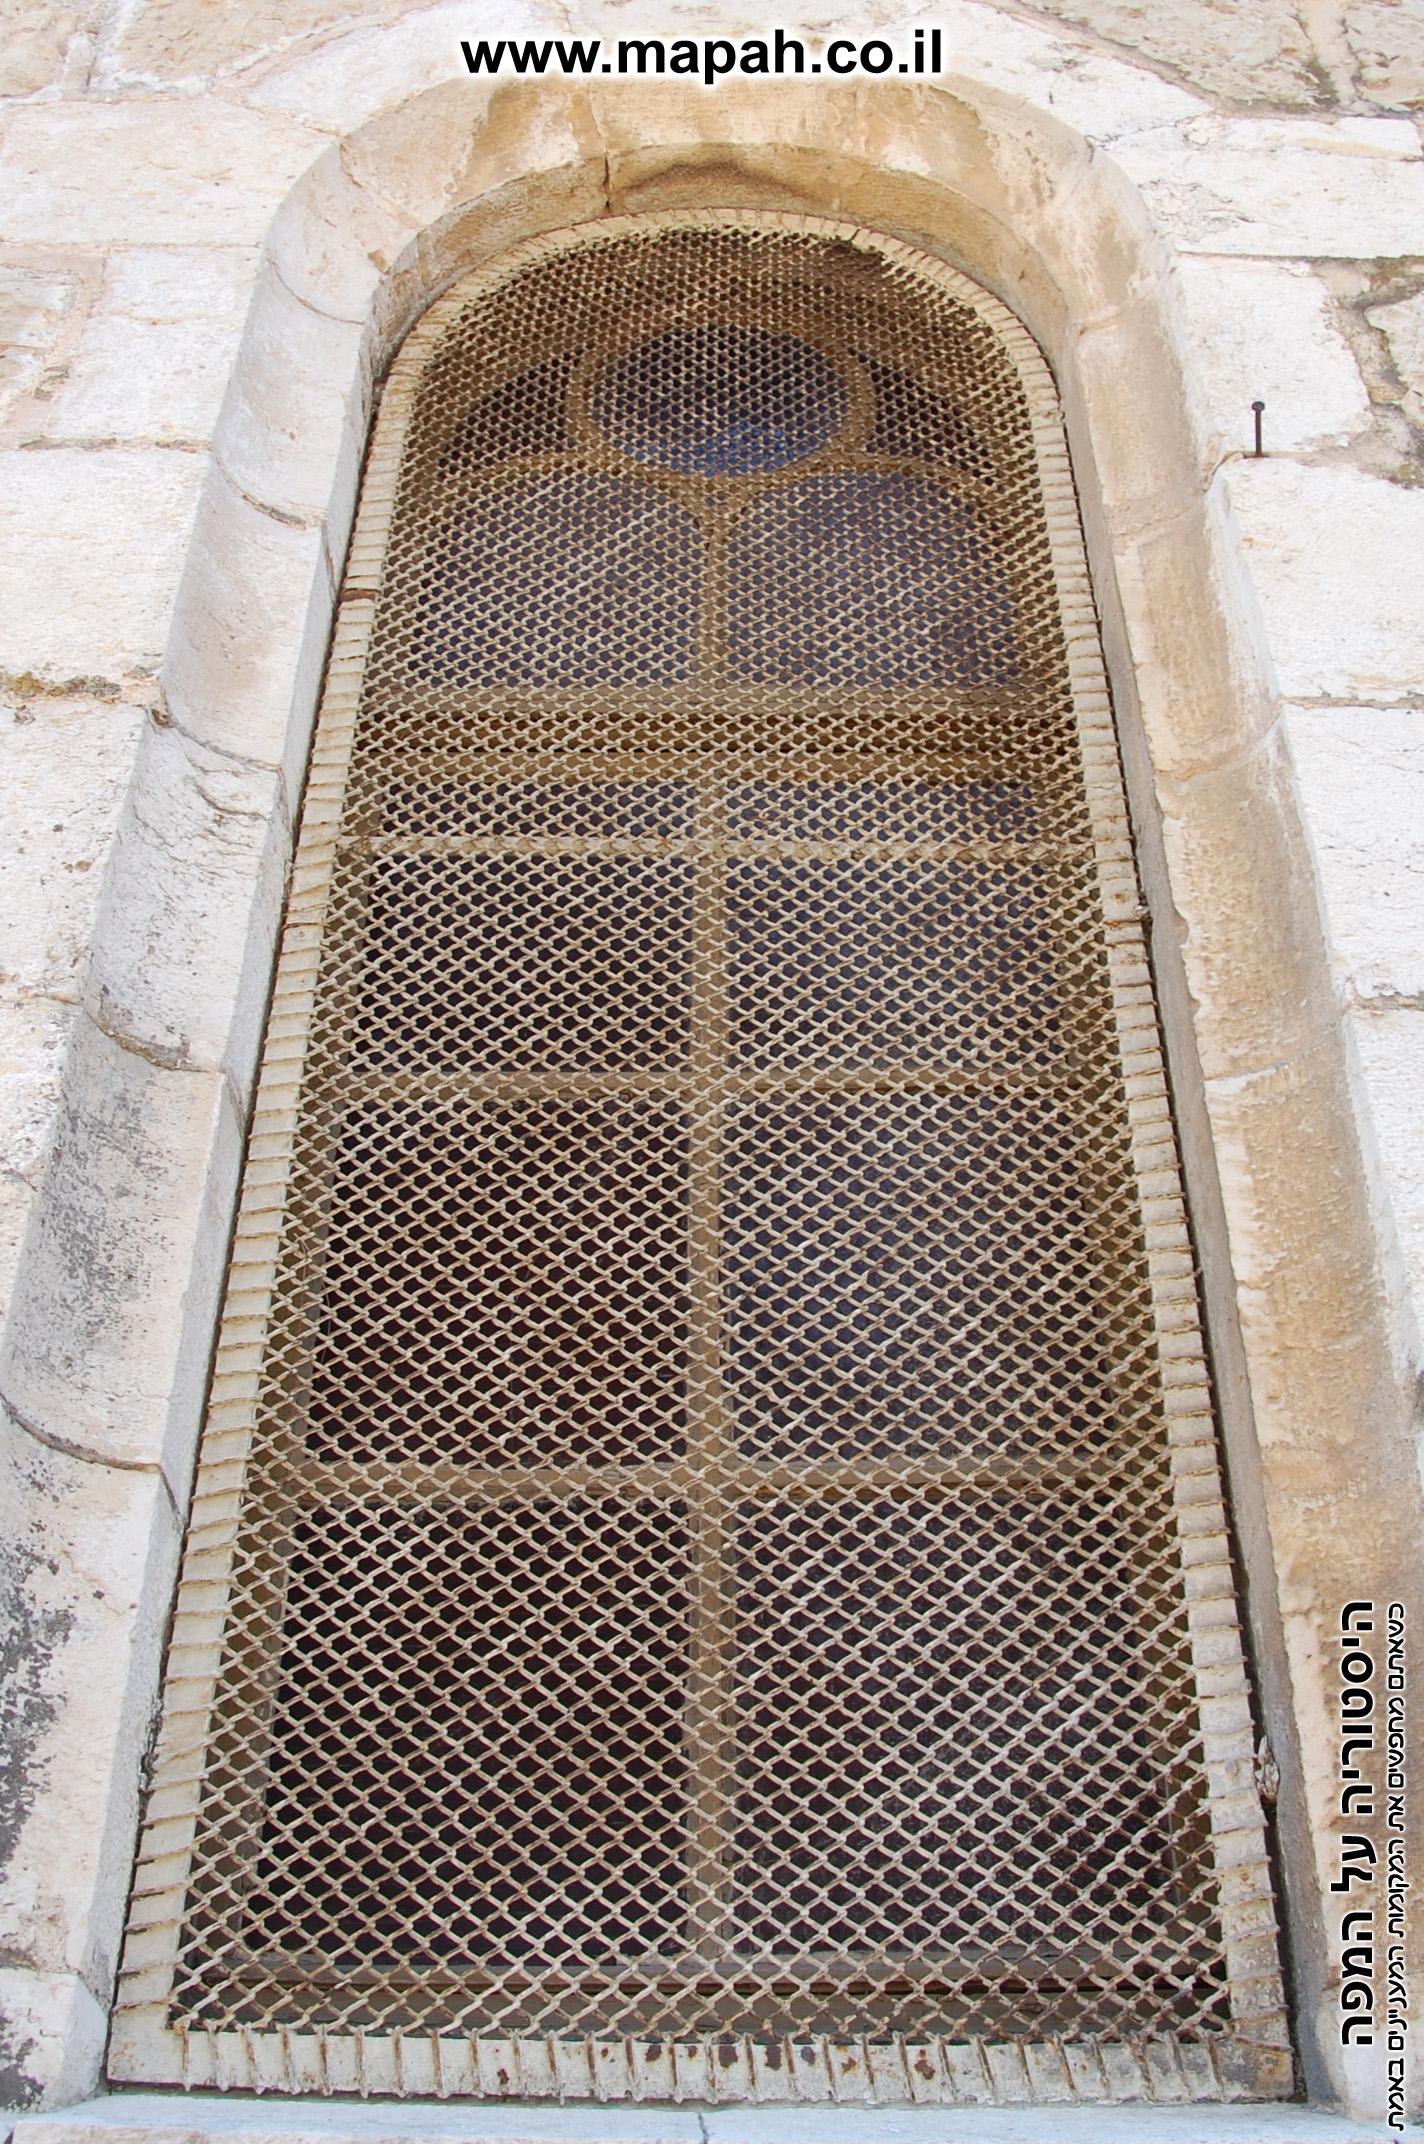 חלונות בית העם הטמפלרי - הכנסיה הארמנית ירושלים - צילום: אפי אליאן